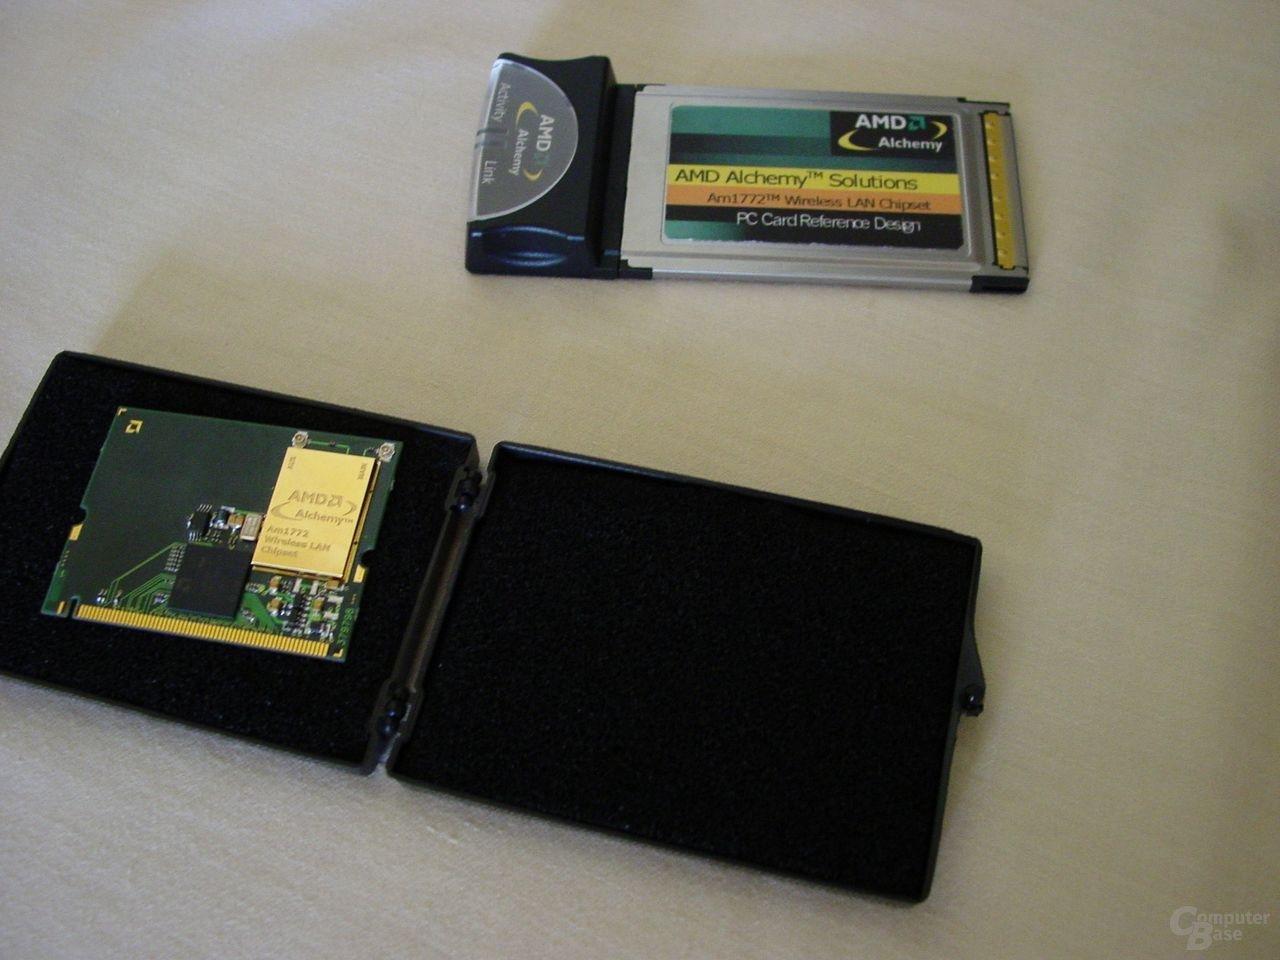 AMD Am1772 Wireless LAN